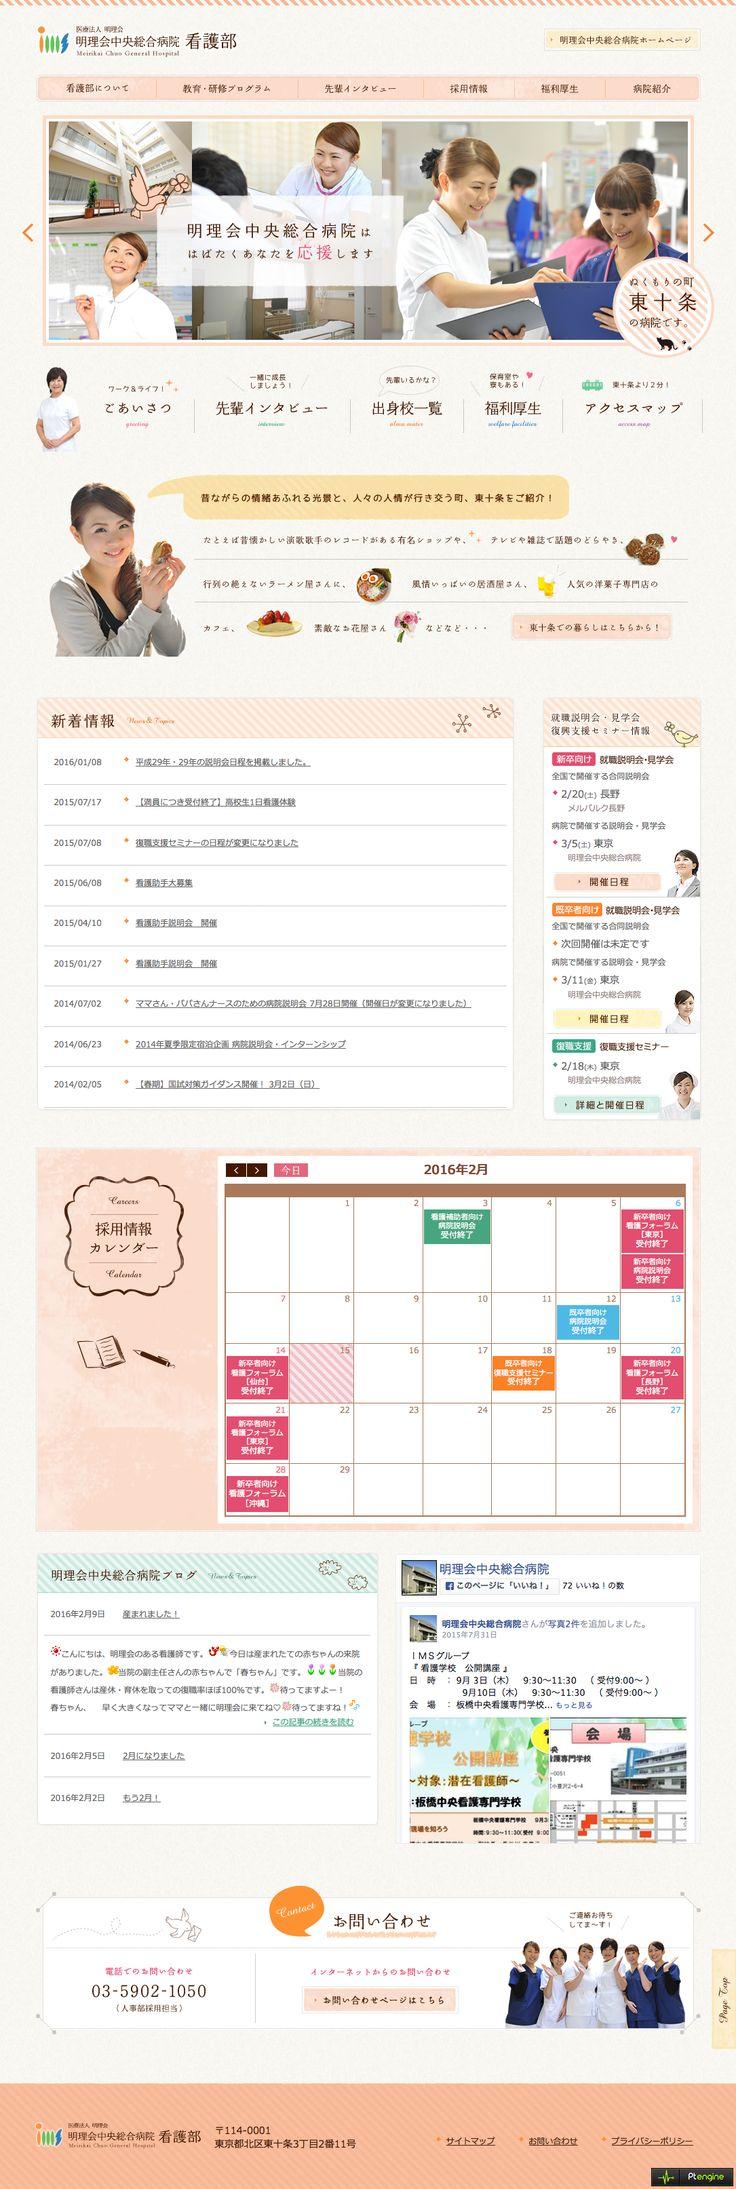 東京にある明理会中央総合病院の看護部サイト - サーモンピンクを基調にしたやさしい色合いであたたかい印象のデザイン|webdesign, design, hospital, pastel, handdrawn, stripe, beige